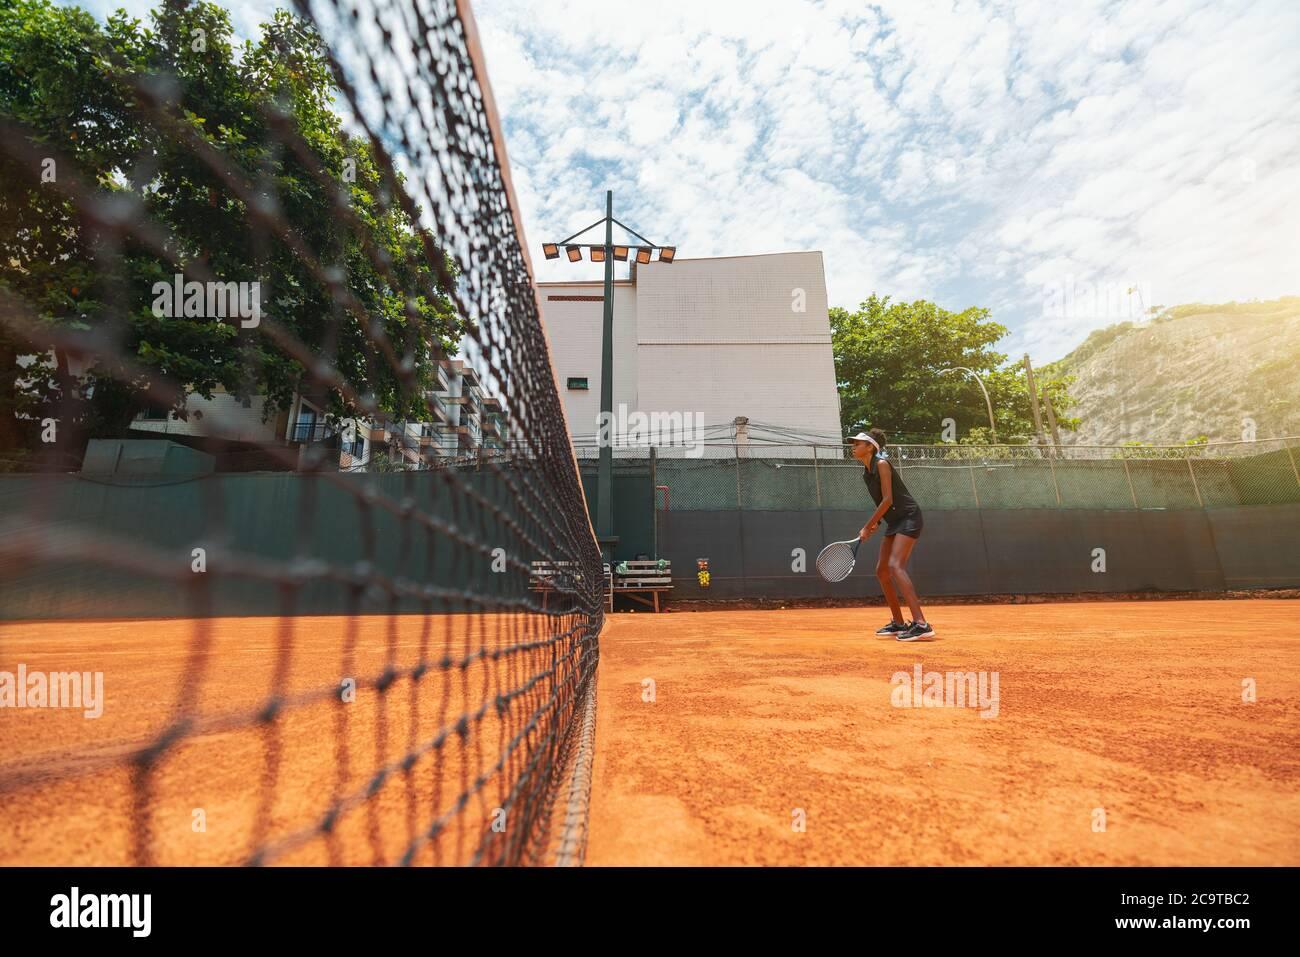 Vista de gran angular de una joven mujer biroquial delgada con una raqueta en las manos de pie sobre una superficie de cancha de arcilla y teniendo una ronda de juego de tenis o un calentamiento Foto de stock